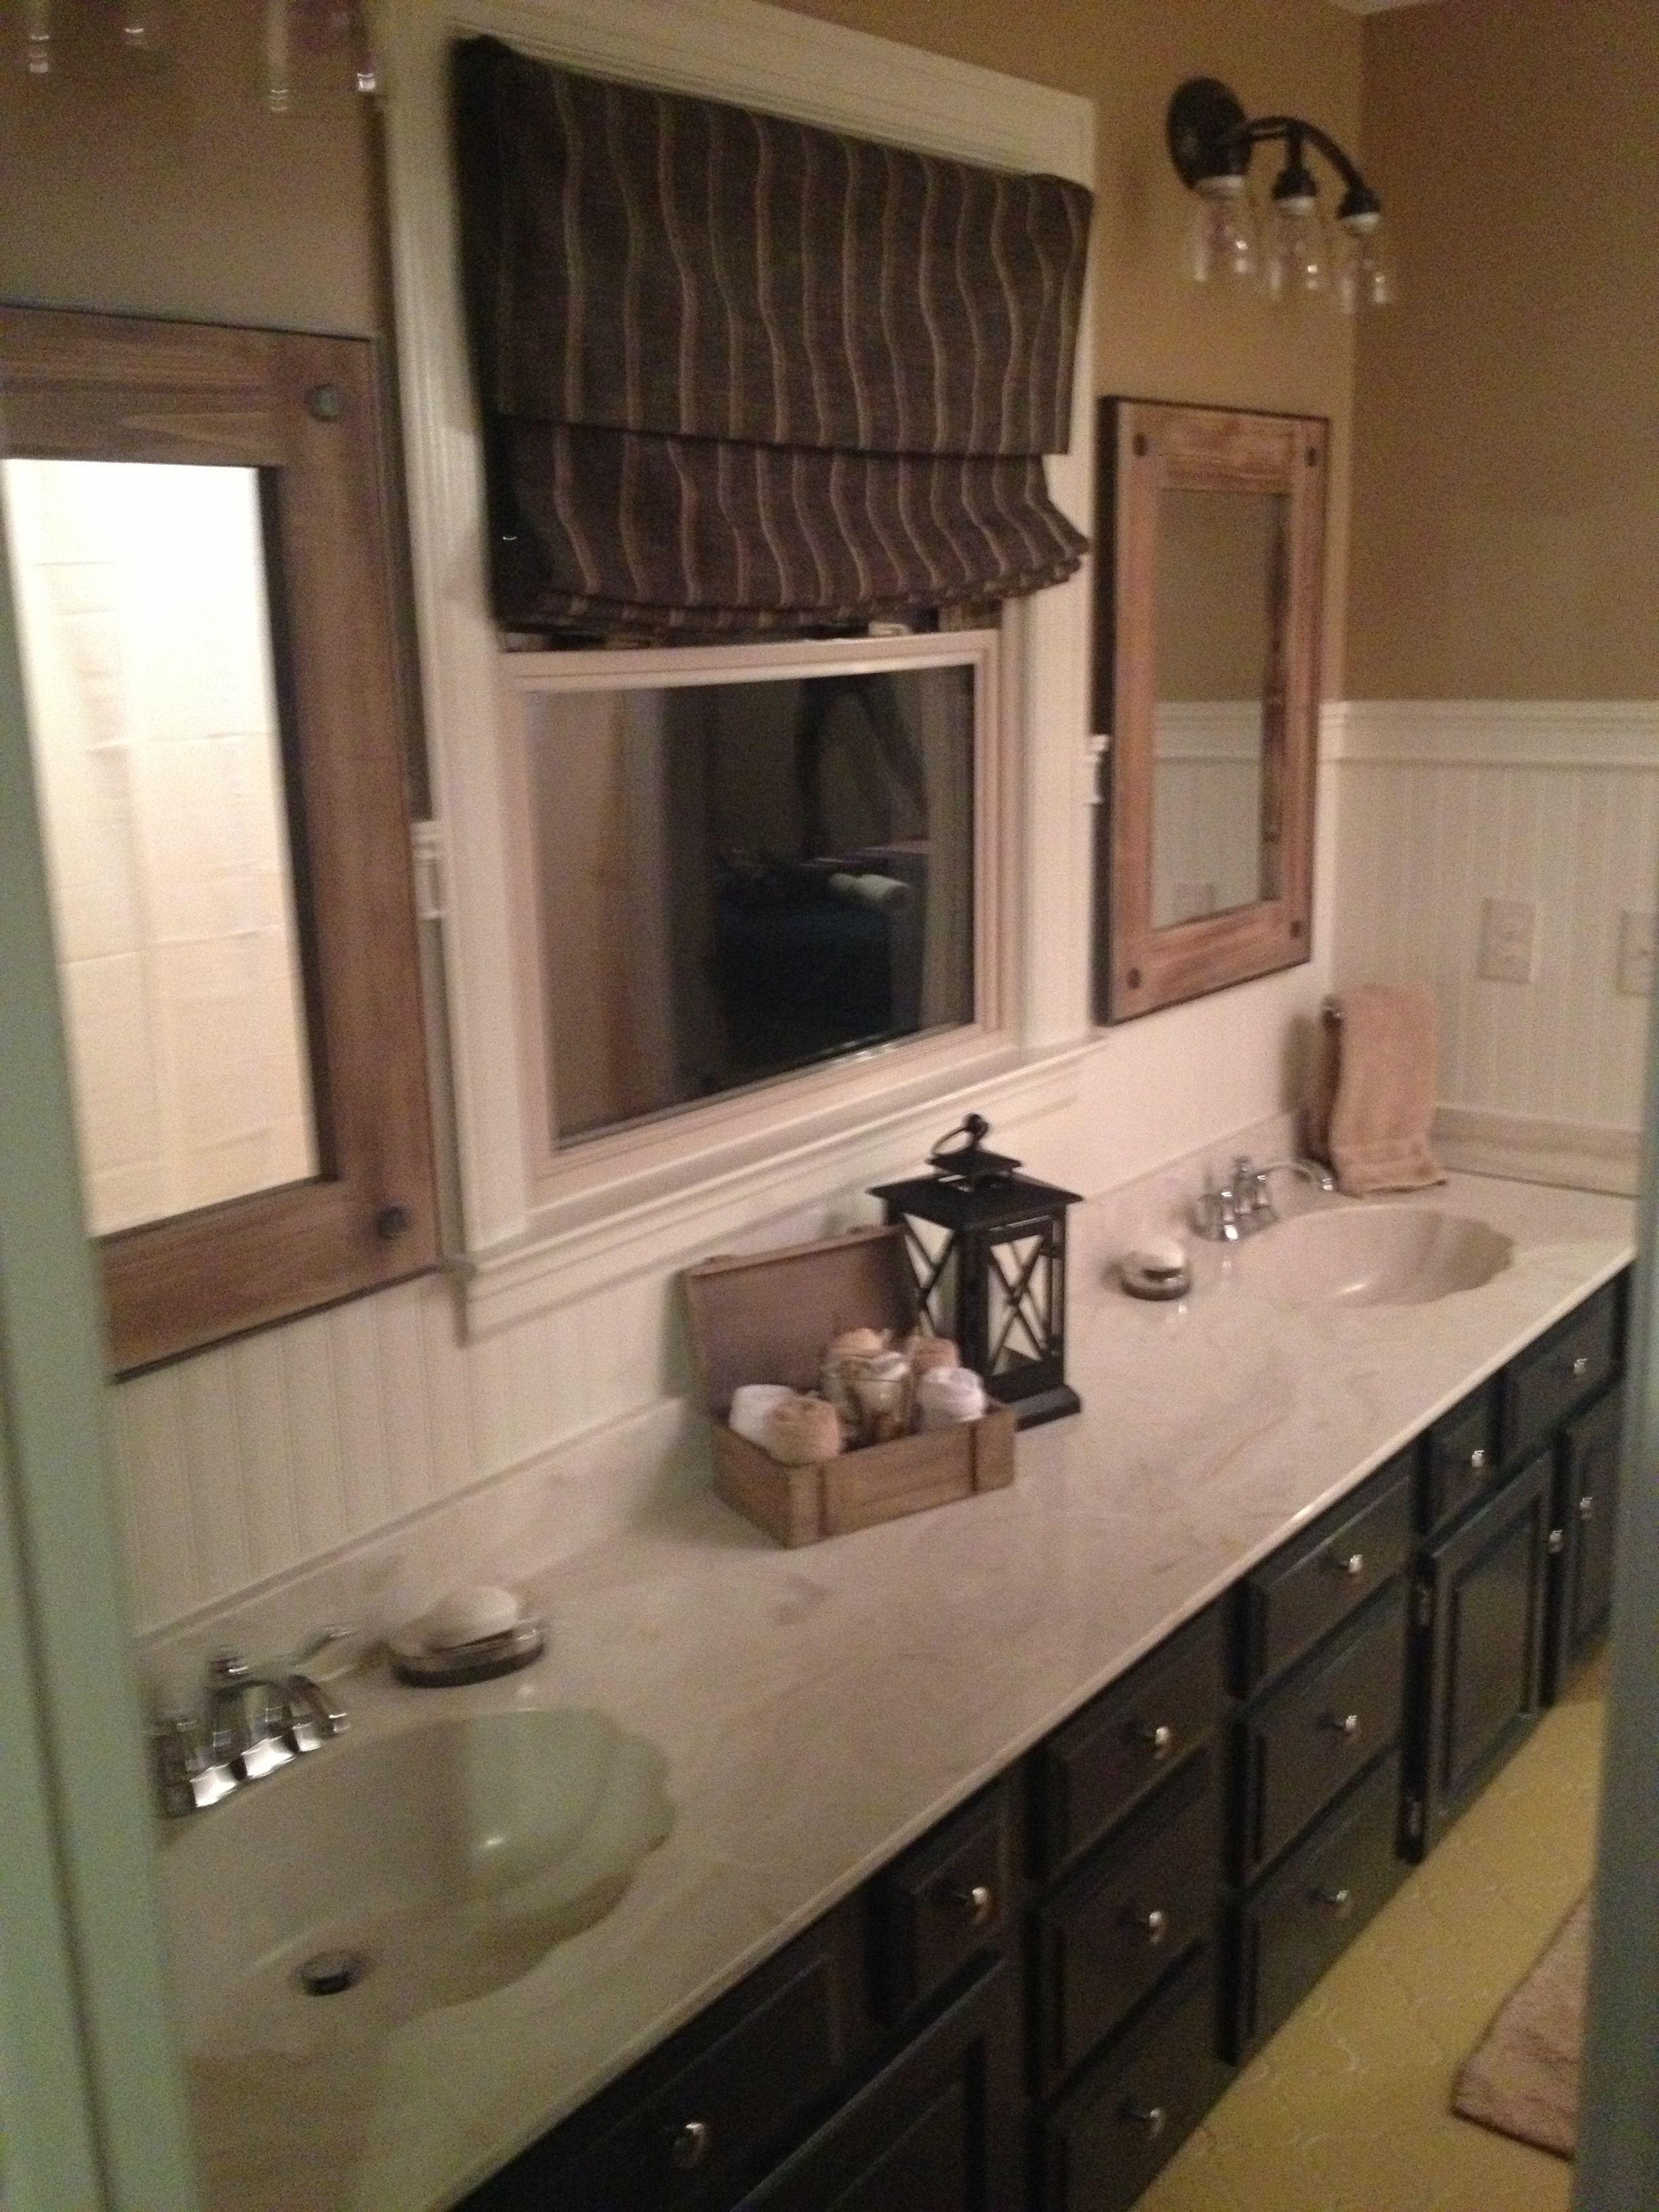 1976 bathroom remodel jack n jill style picture 1